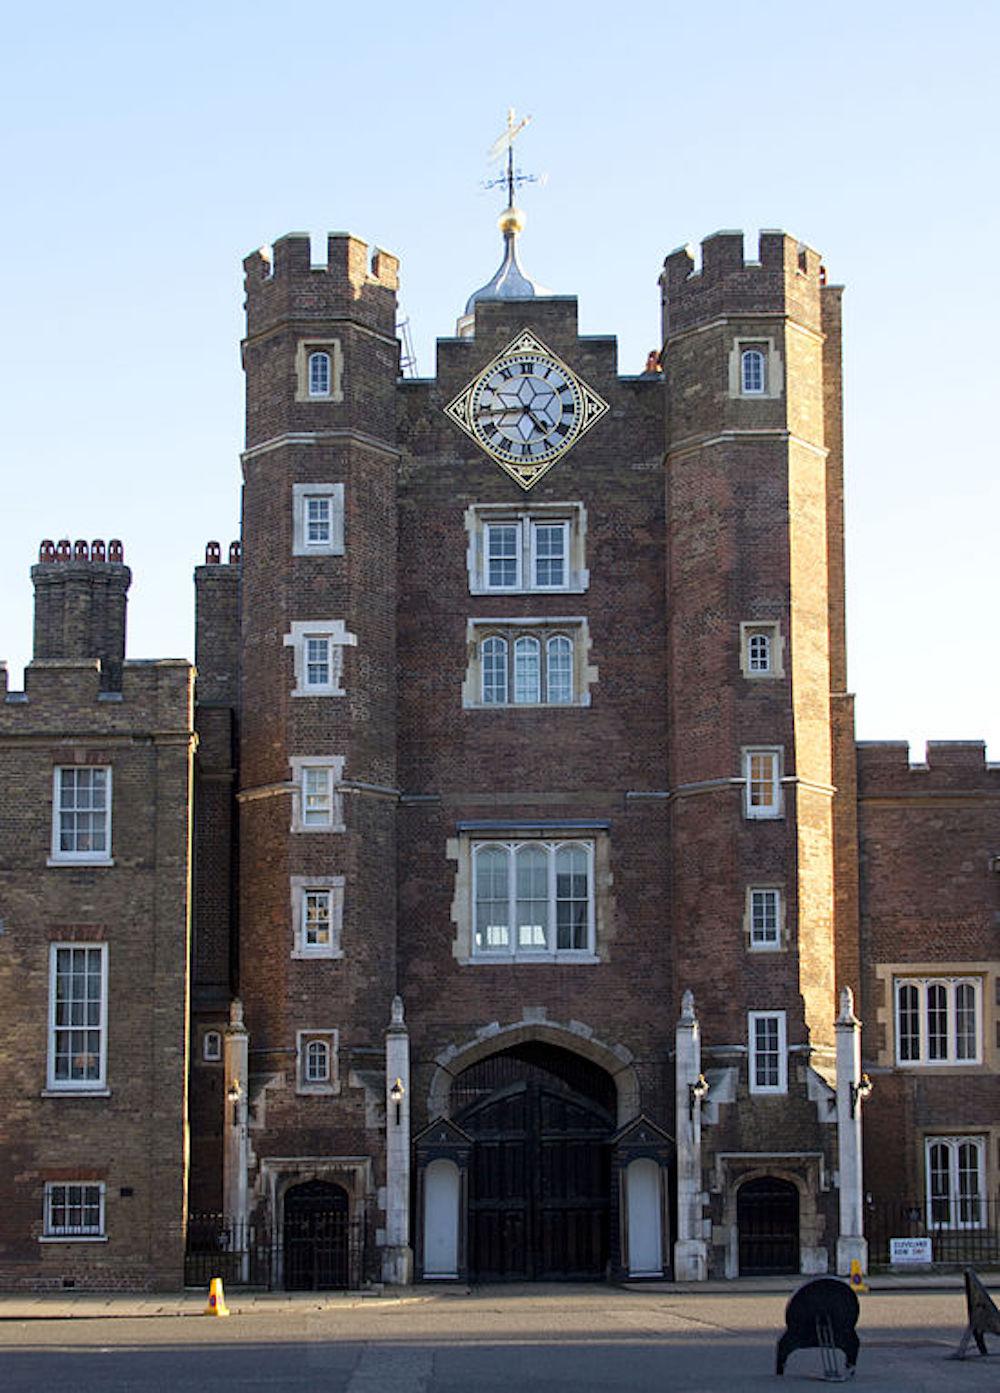 St James Palace in London. Photo Credit: © Tony Hisgett via Wikimedia Commons.